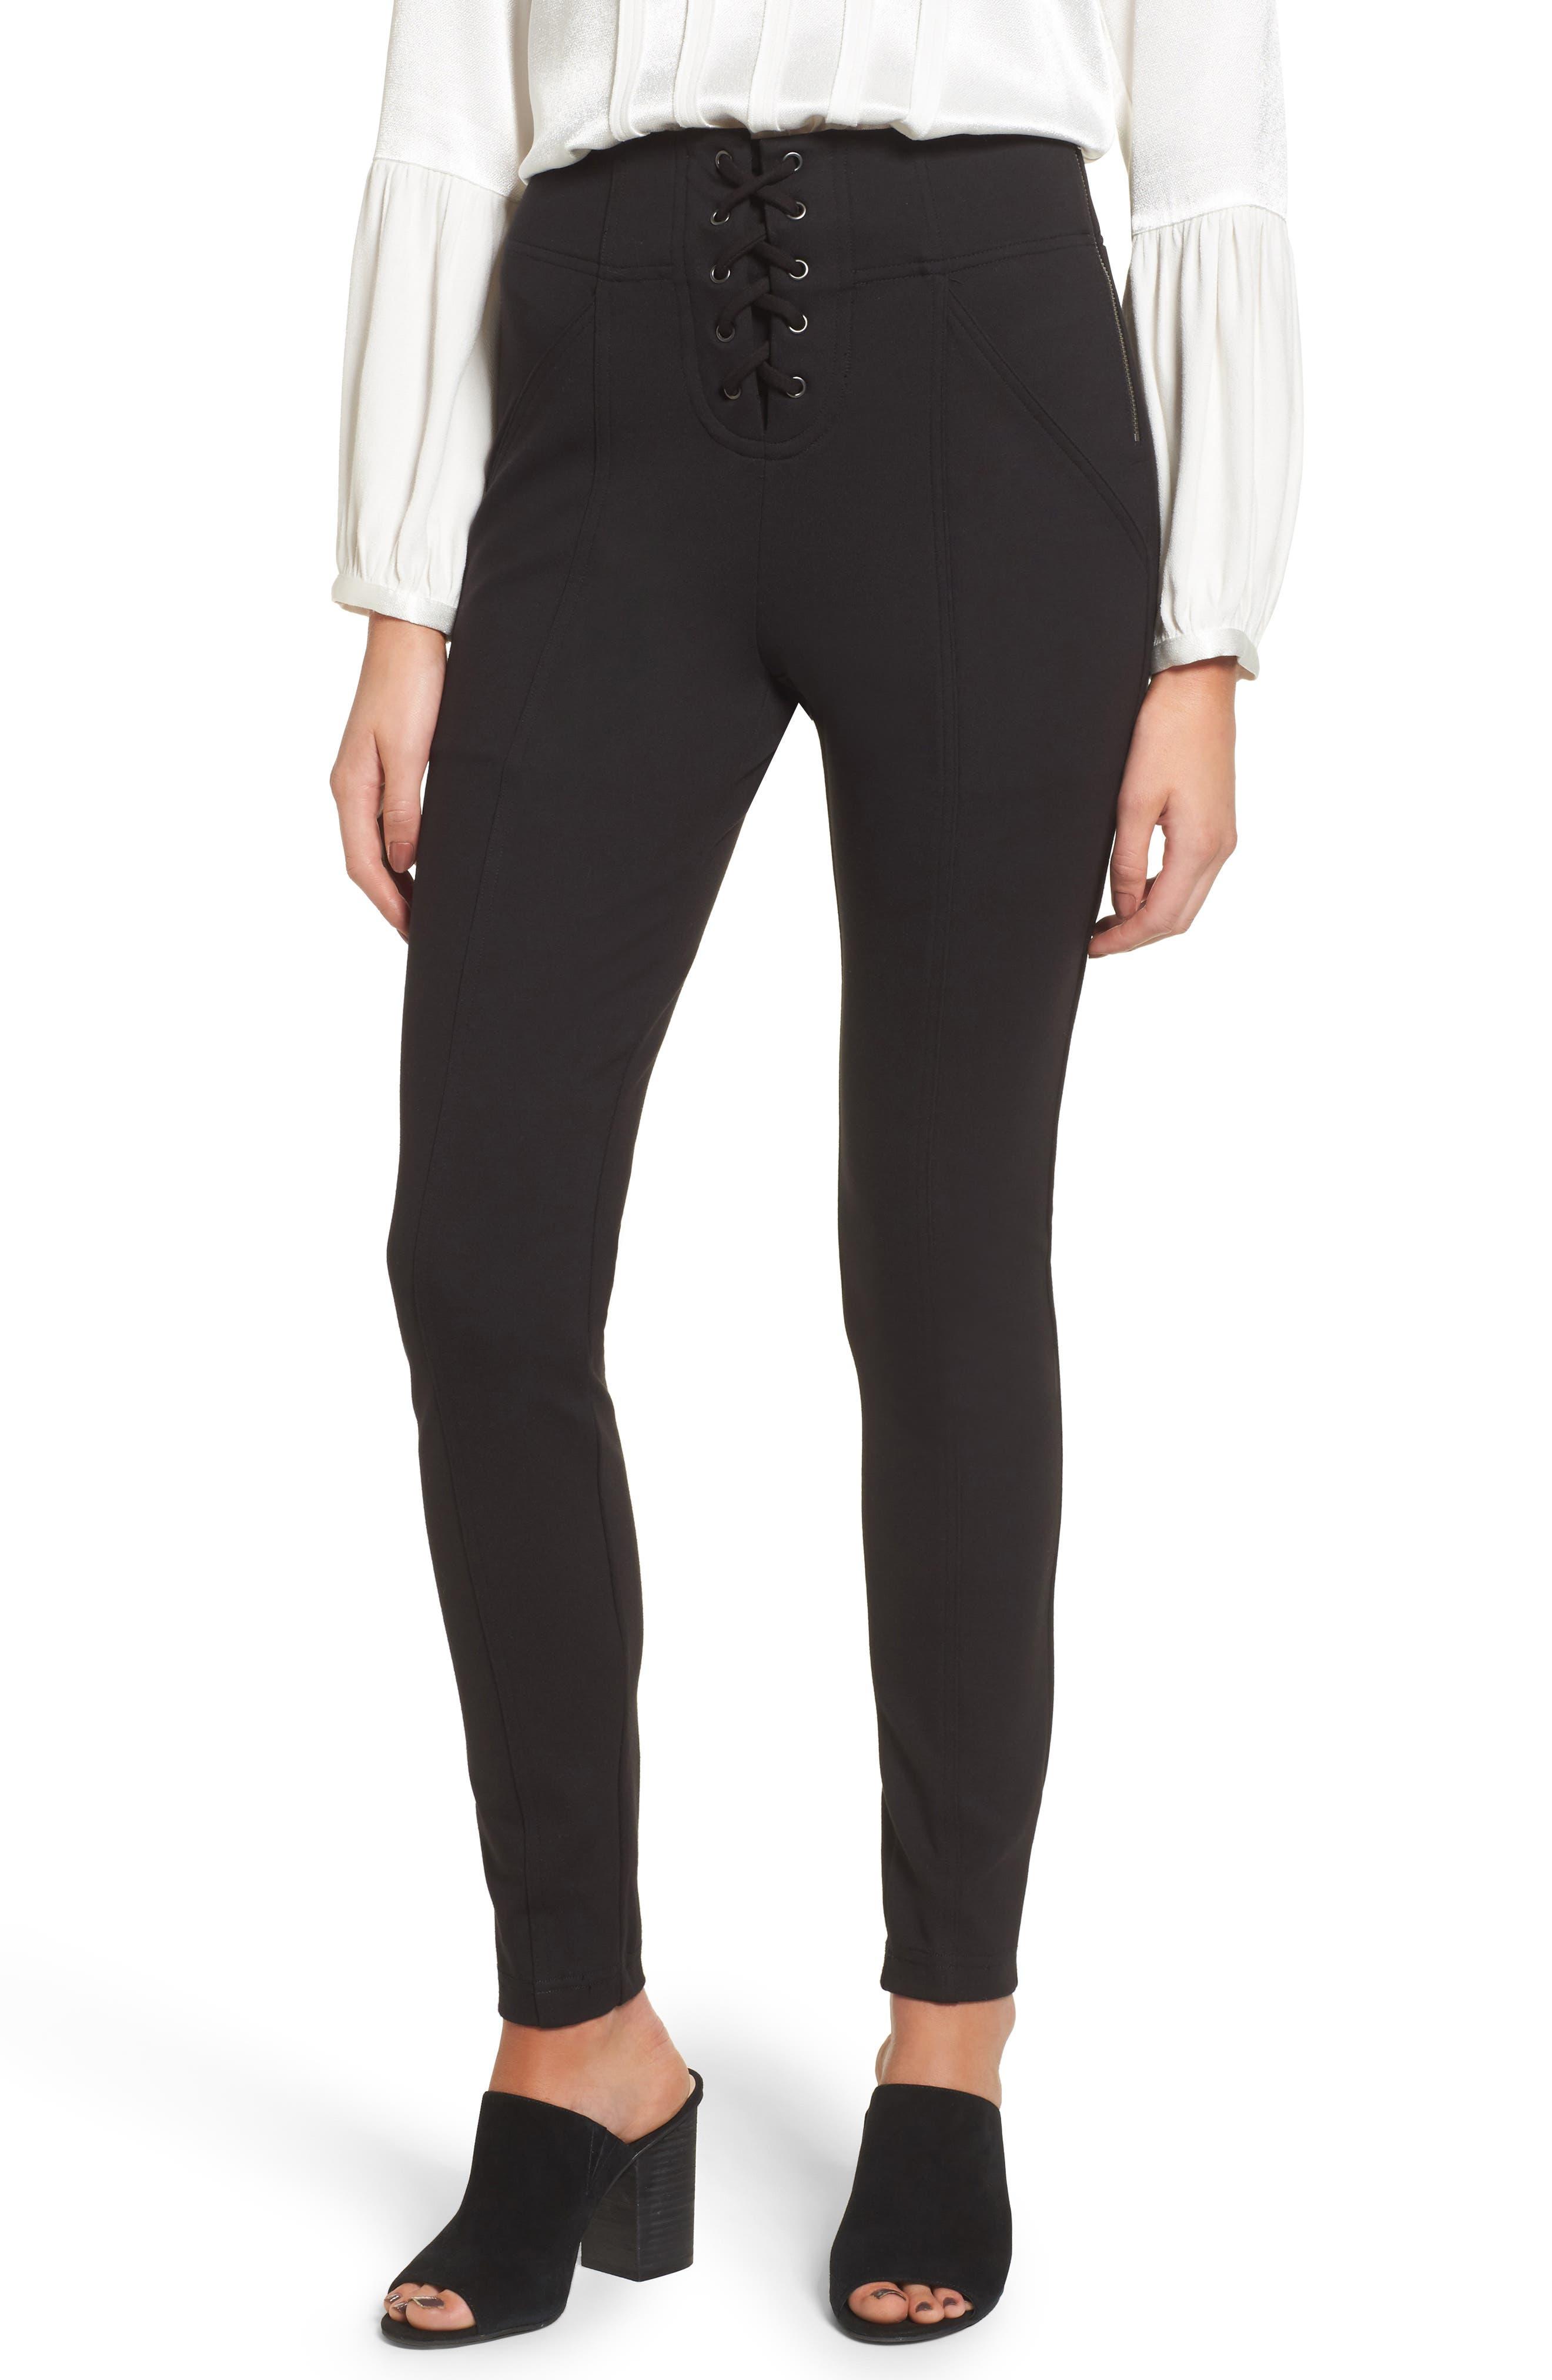 Ella Moss Lace-Up Skinny Pants